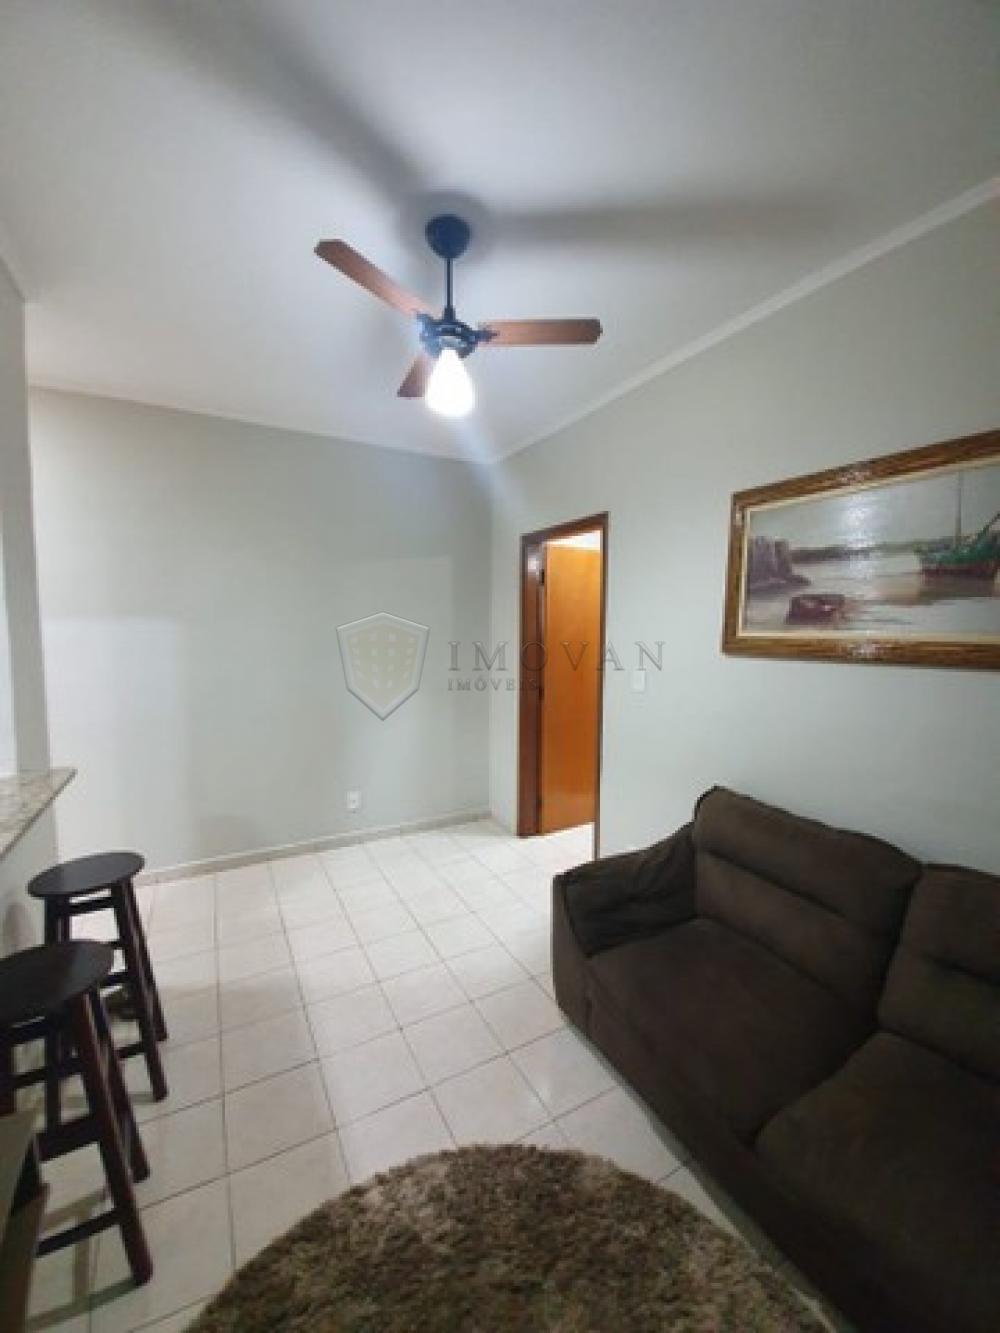 Comprar Apartamento / Padrão em Ribeirão Preto R$ 150.000,00 - Foto 3